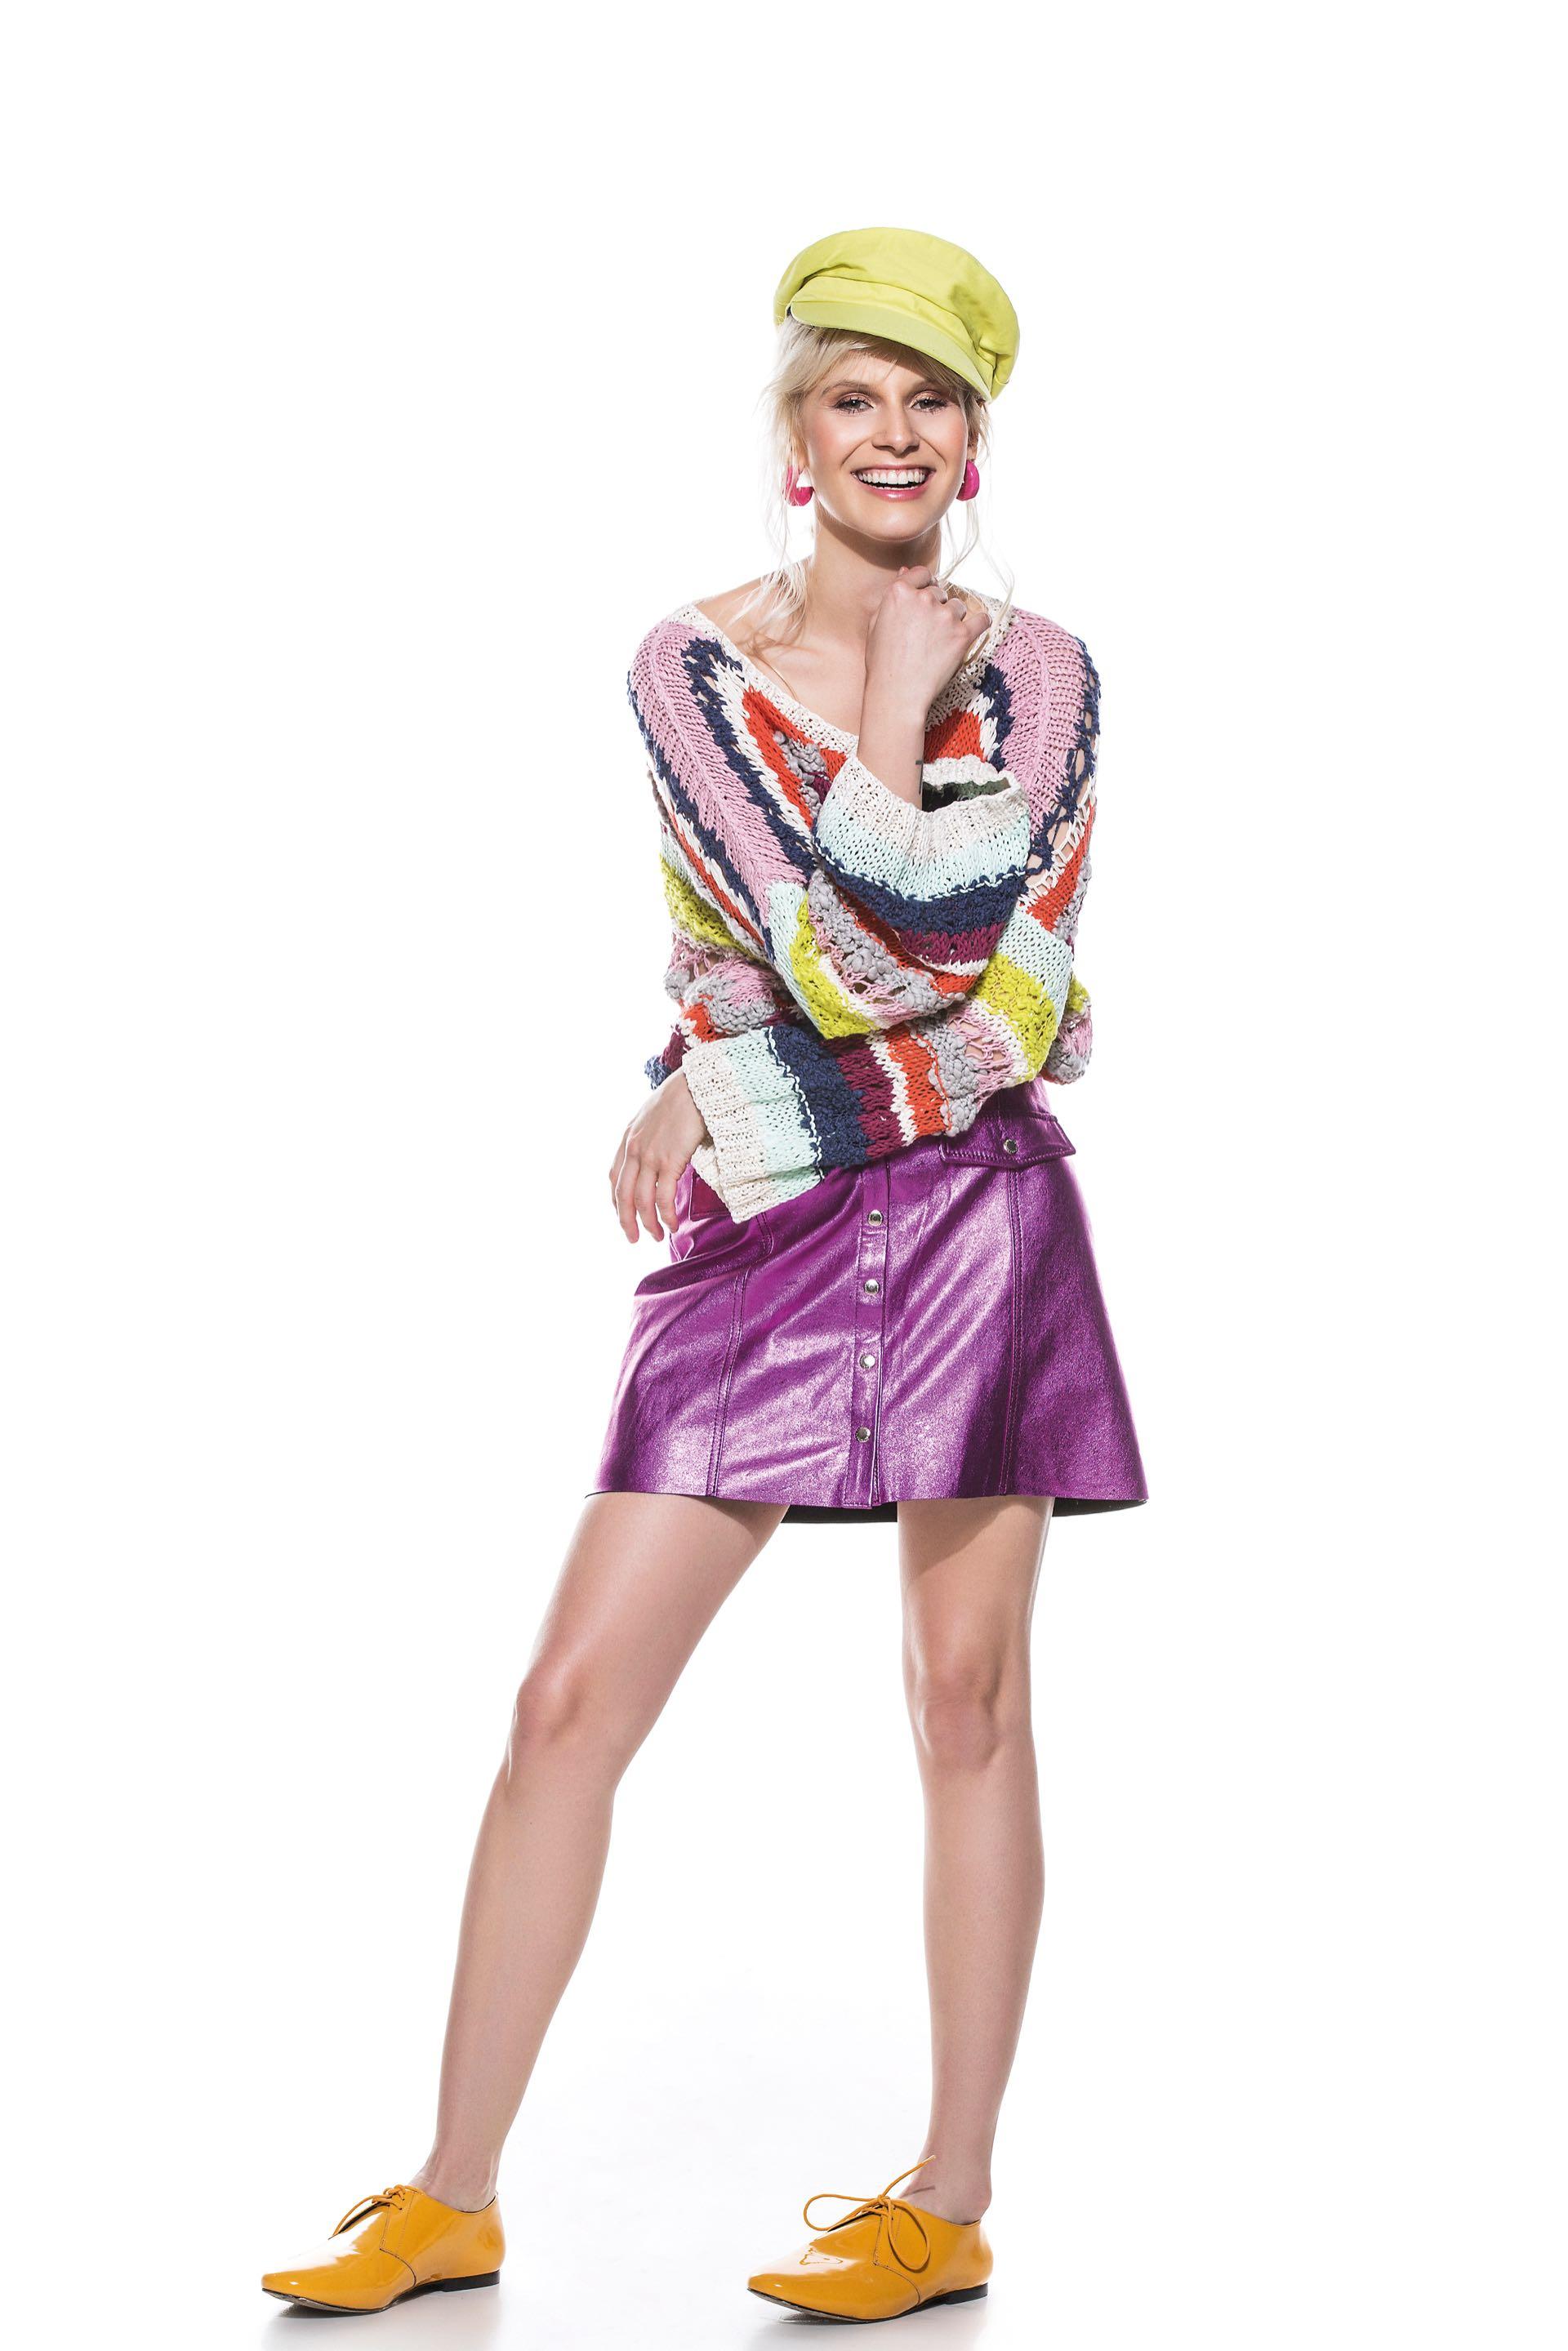 Suéter tejido ($ 3.560, Vero Alfie), mini de cuero metalizado ($ 5.990, Las Pepas), abotinados de cuero ($ 3.540, Mishka) y boina ($ 670, Made in Chola).